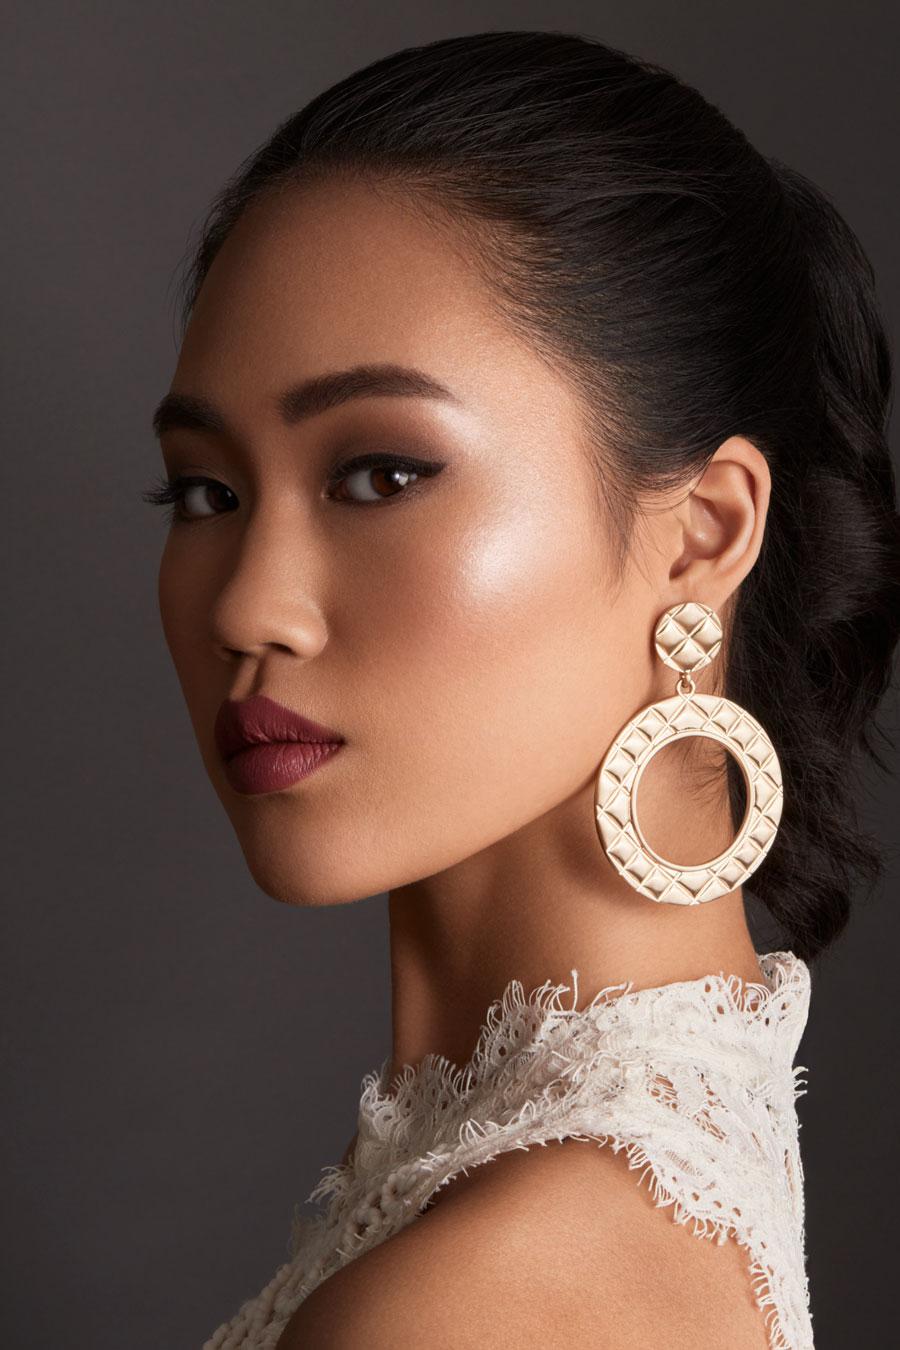 Nicole Le